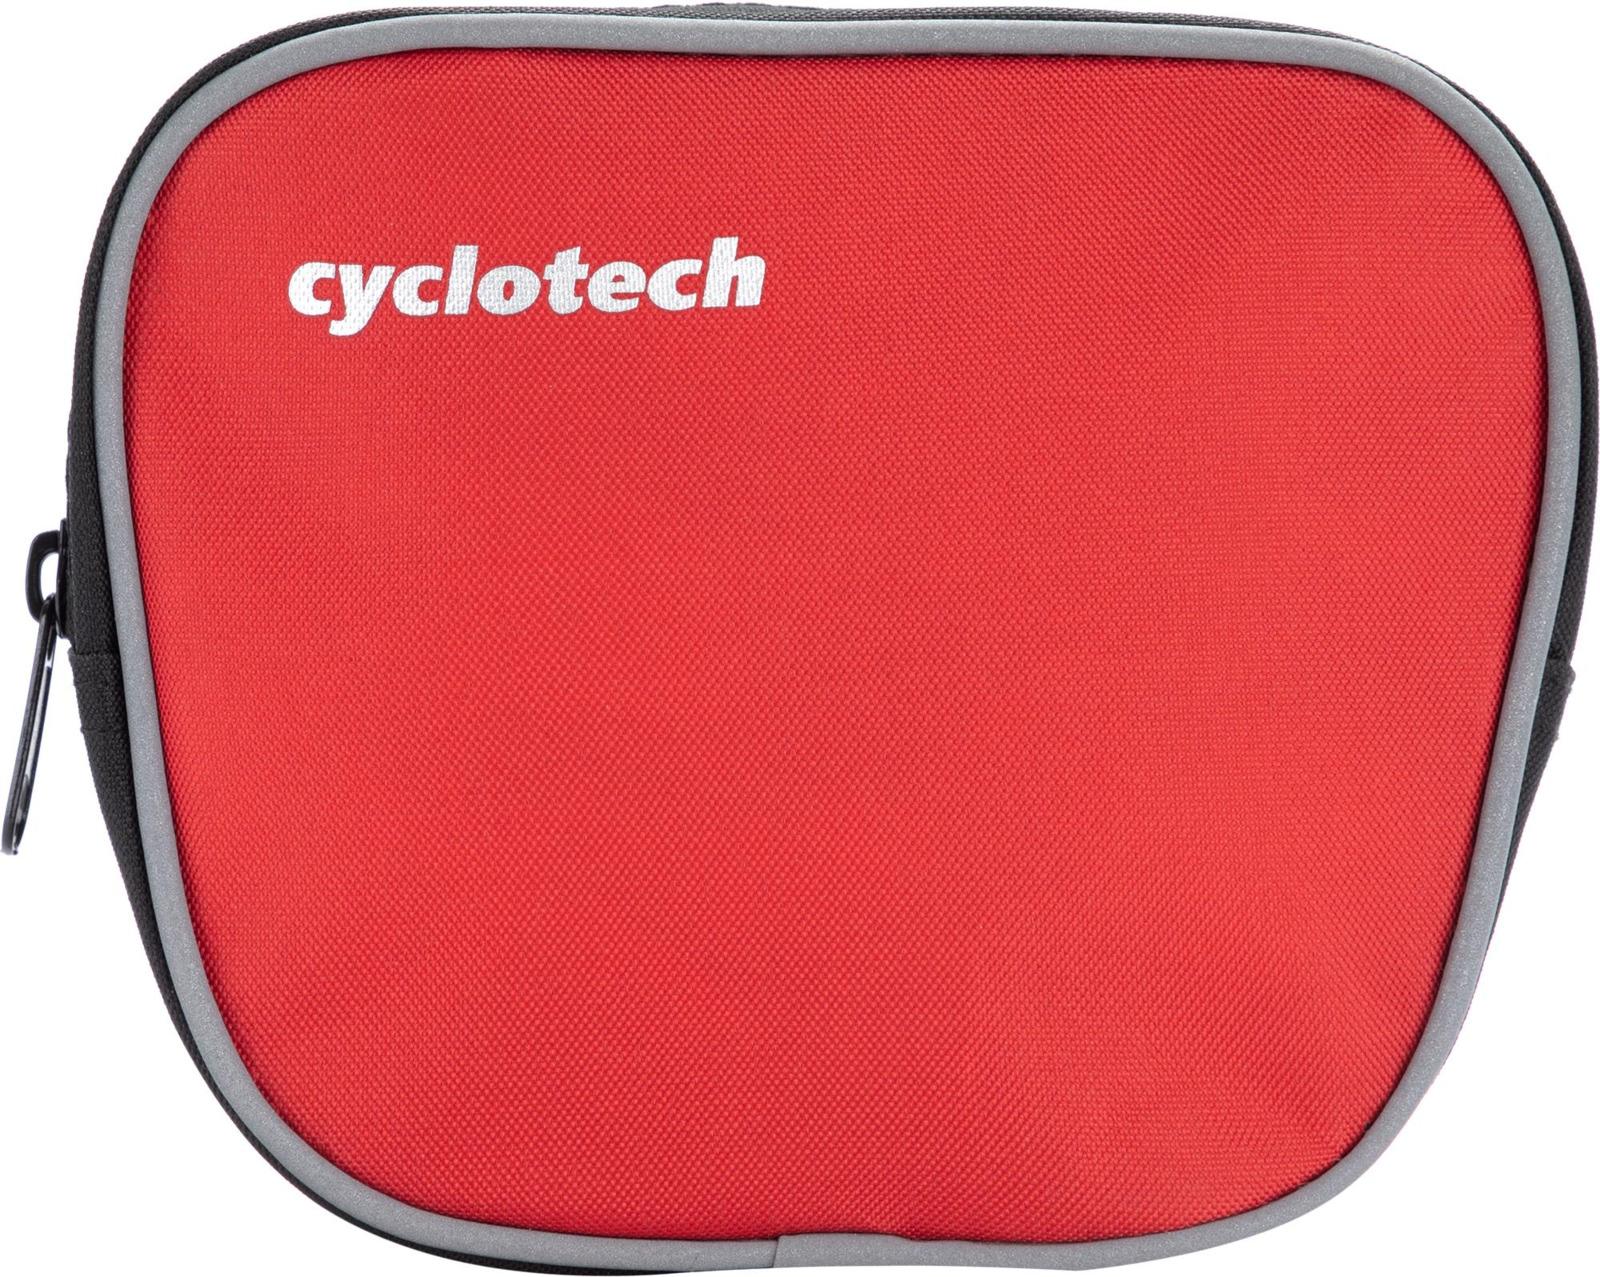 Сумка на велосипед Cyclotech CYC-7 Bicycle Bag, красный цена